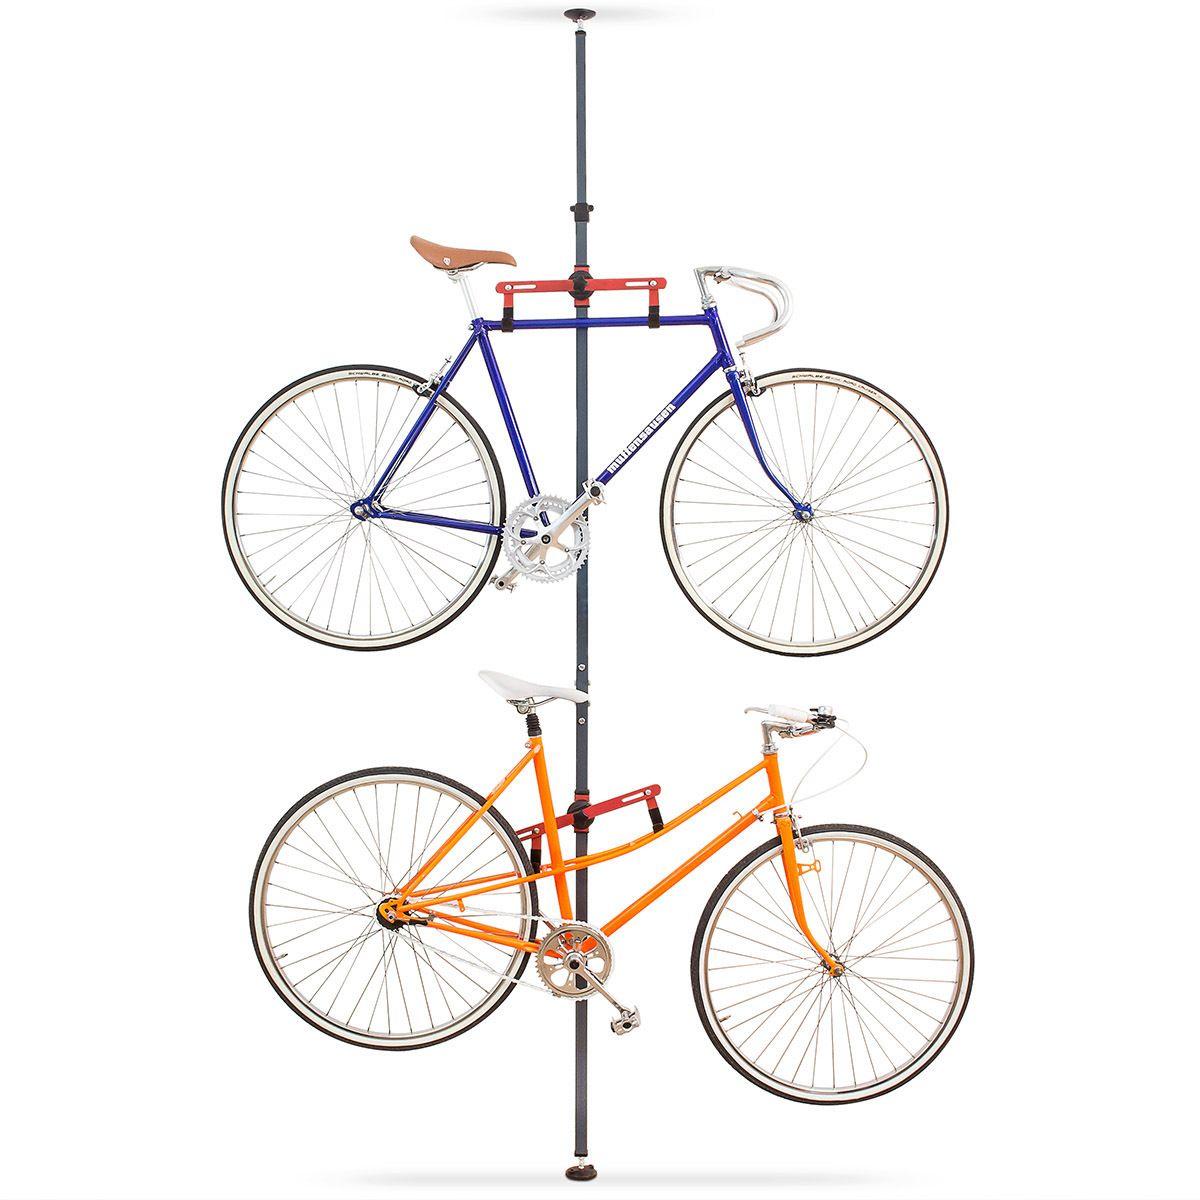 fahrradhalterung f r zwei r der perfekt f r die garage oder eure wohnung relaxdays fahrrad. Black Bedroom Furniture Sets. Home Design Ideas